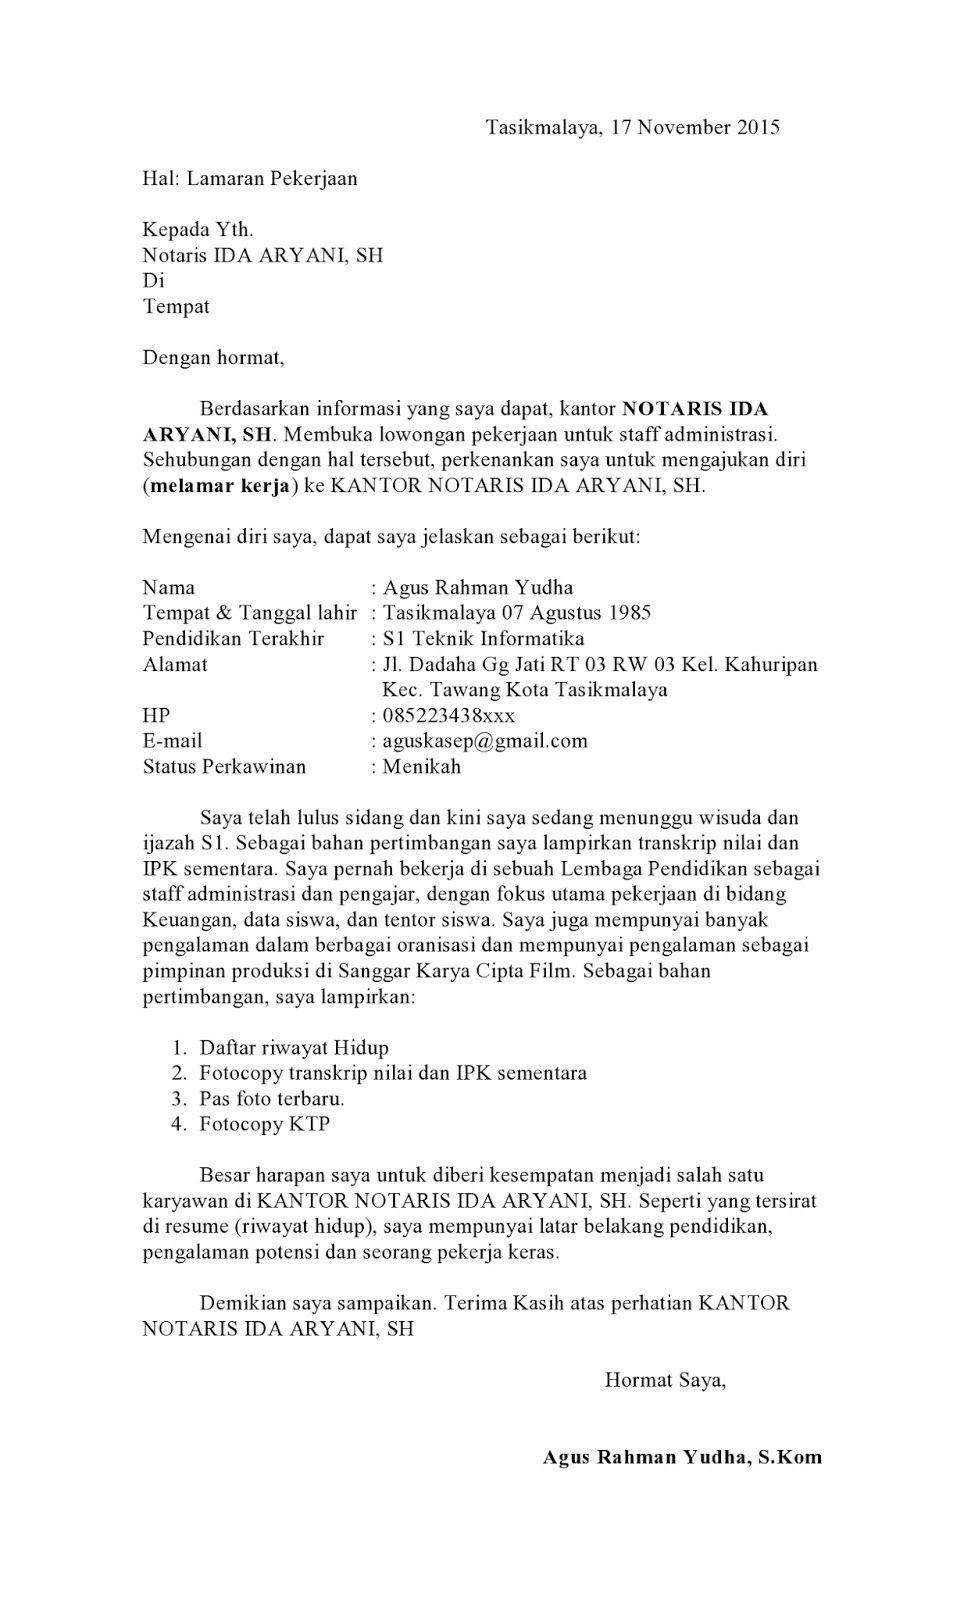 surat lamaran kerja notaris